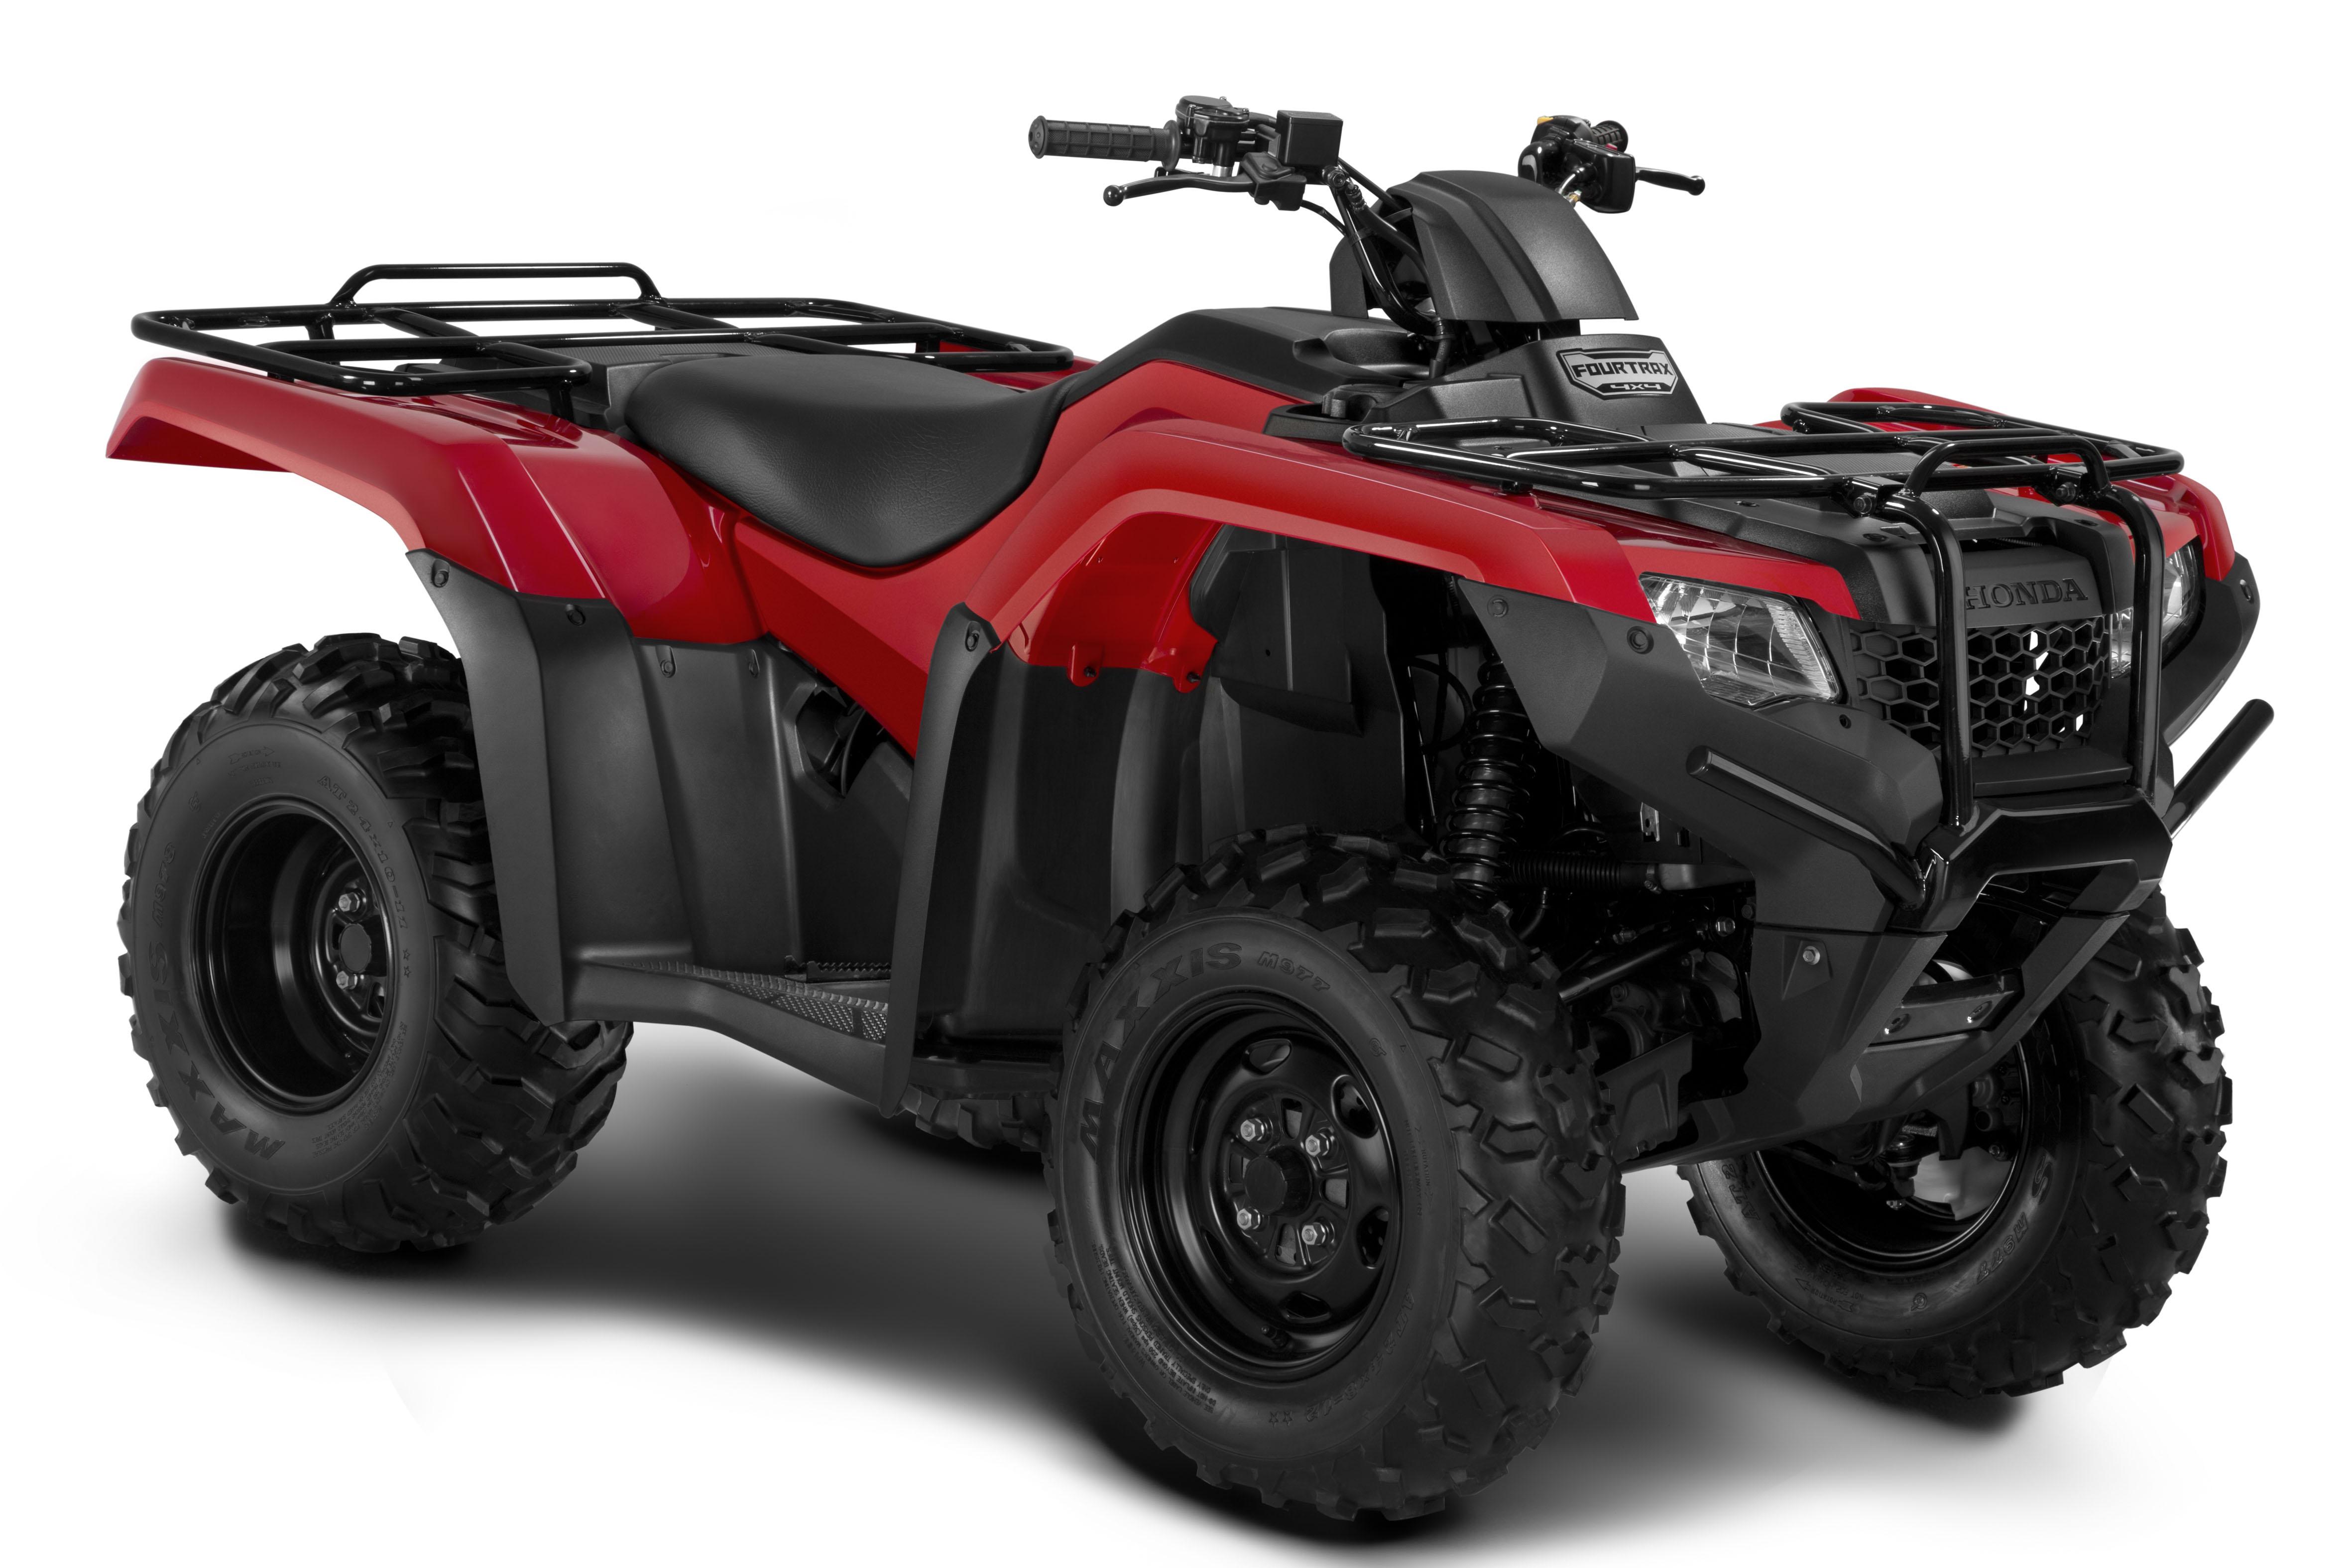 TRX420TM